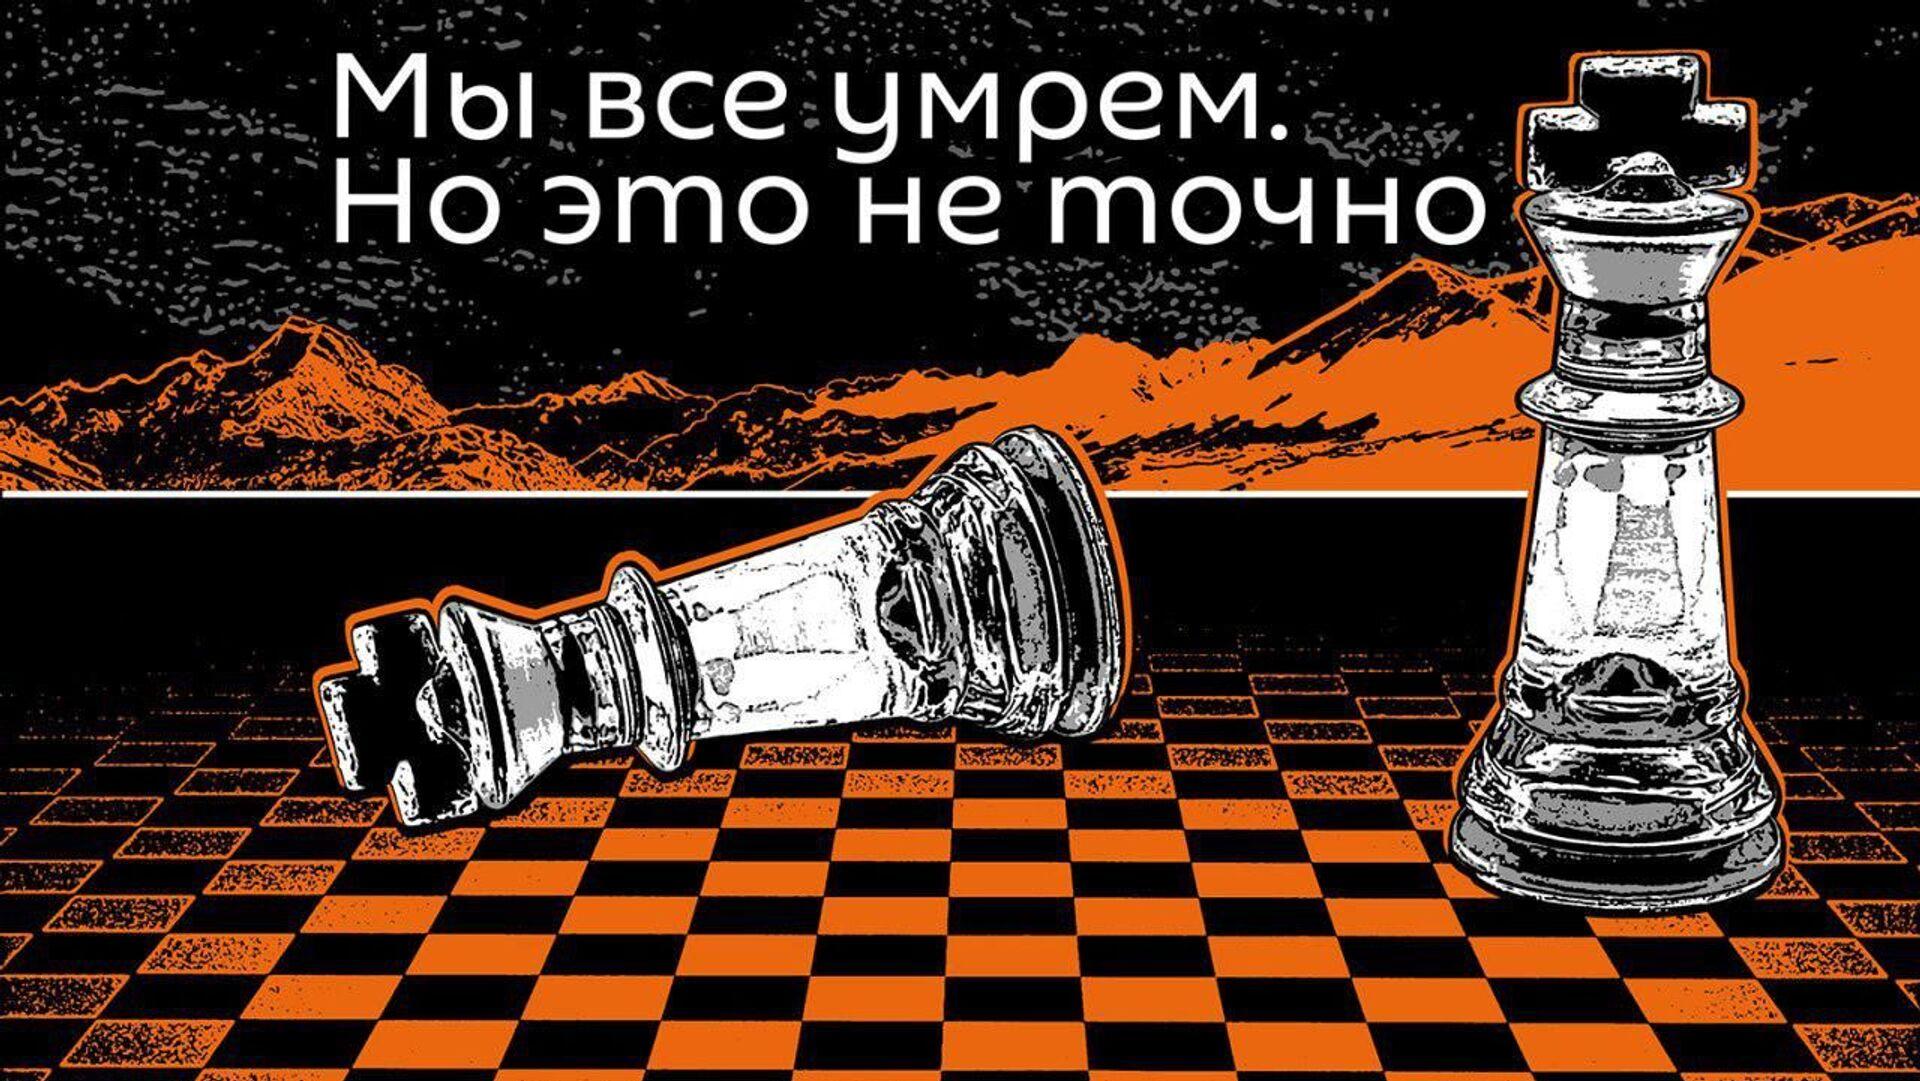 Мы все умрем. но это не точно - Sputnik Абхазия, 1920, 02.10.2021